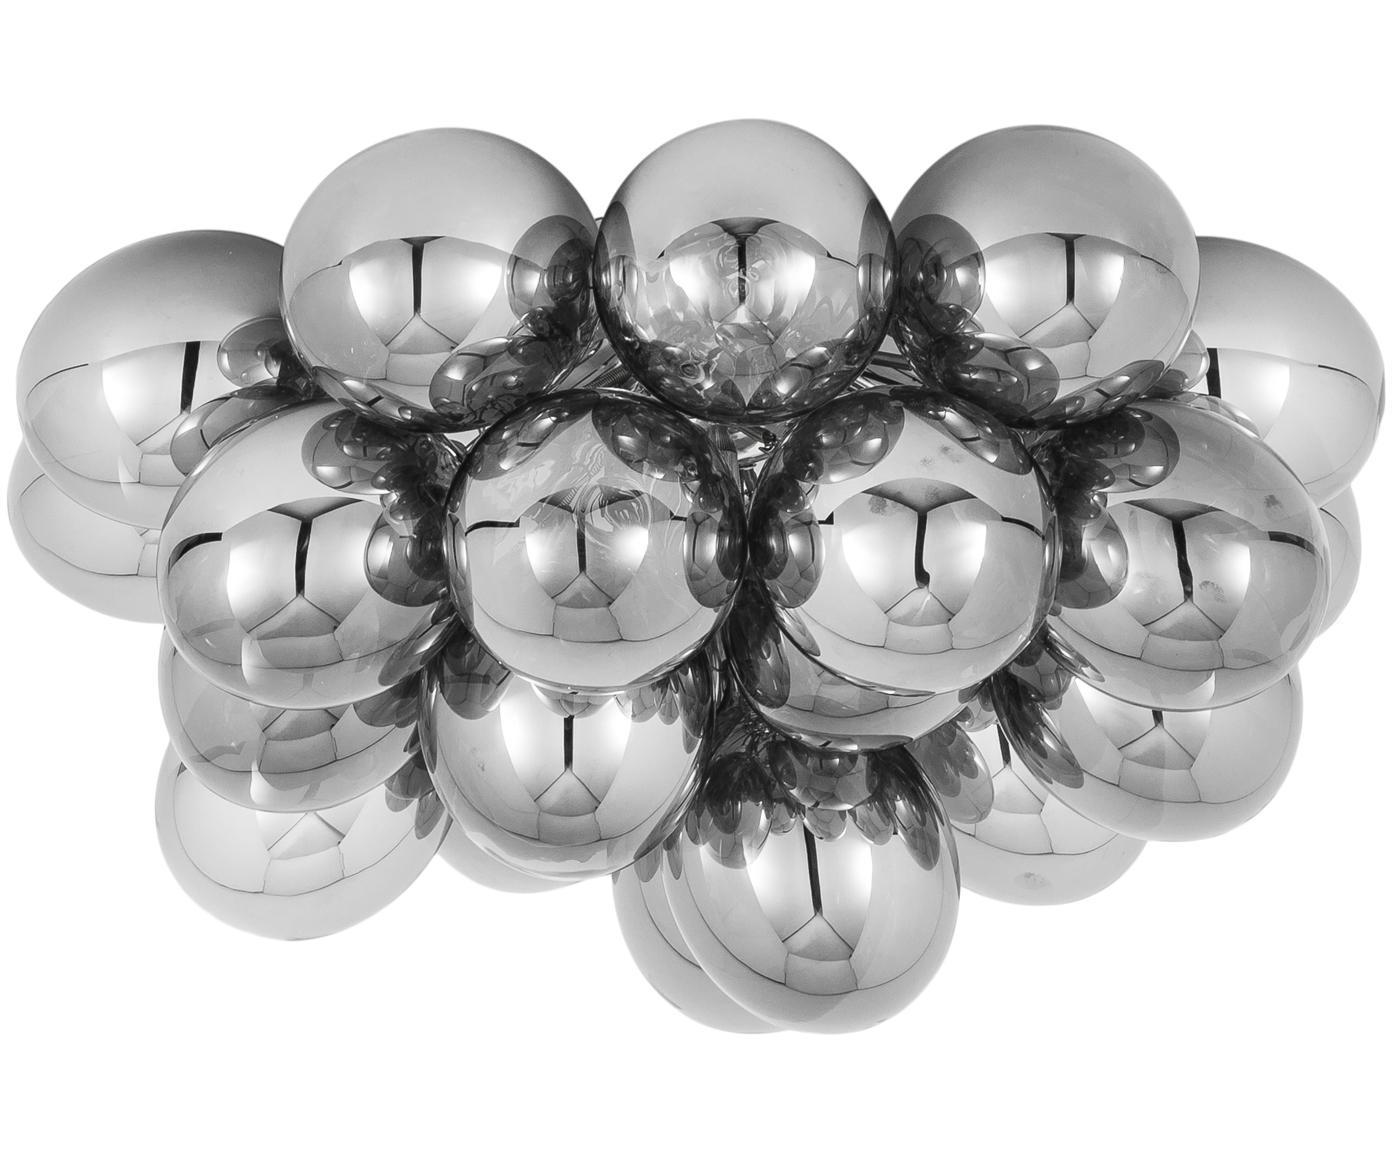 Lampa sufitowa Gross, Chrom, Ø 50 x W 27 cm